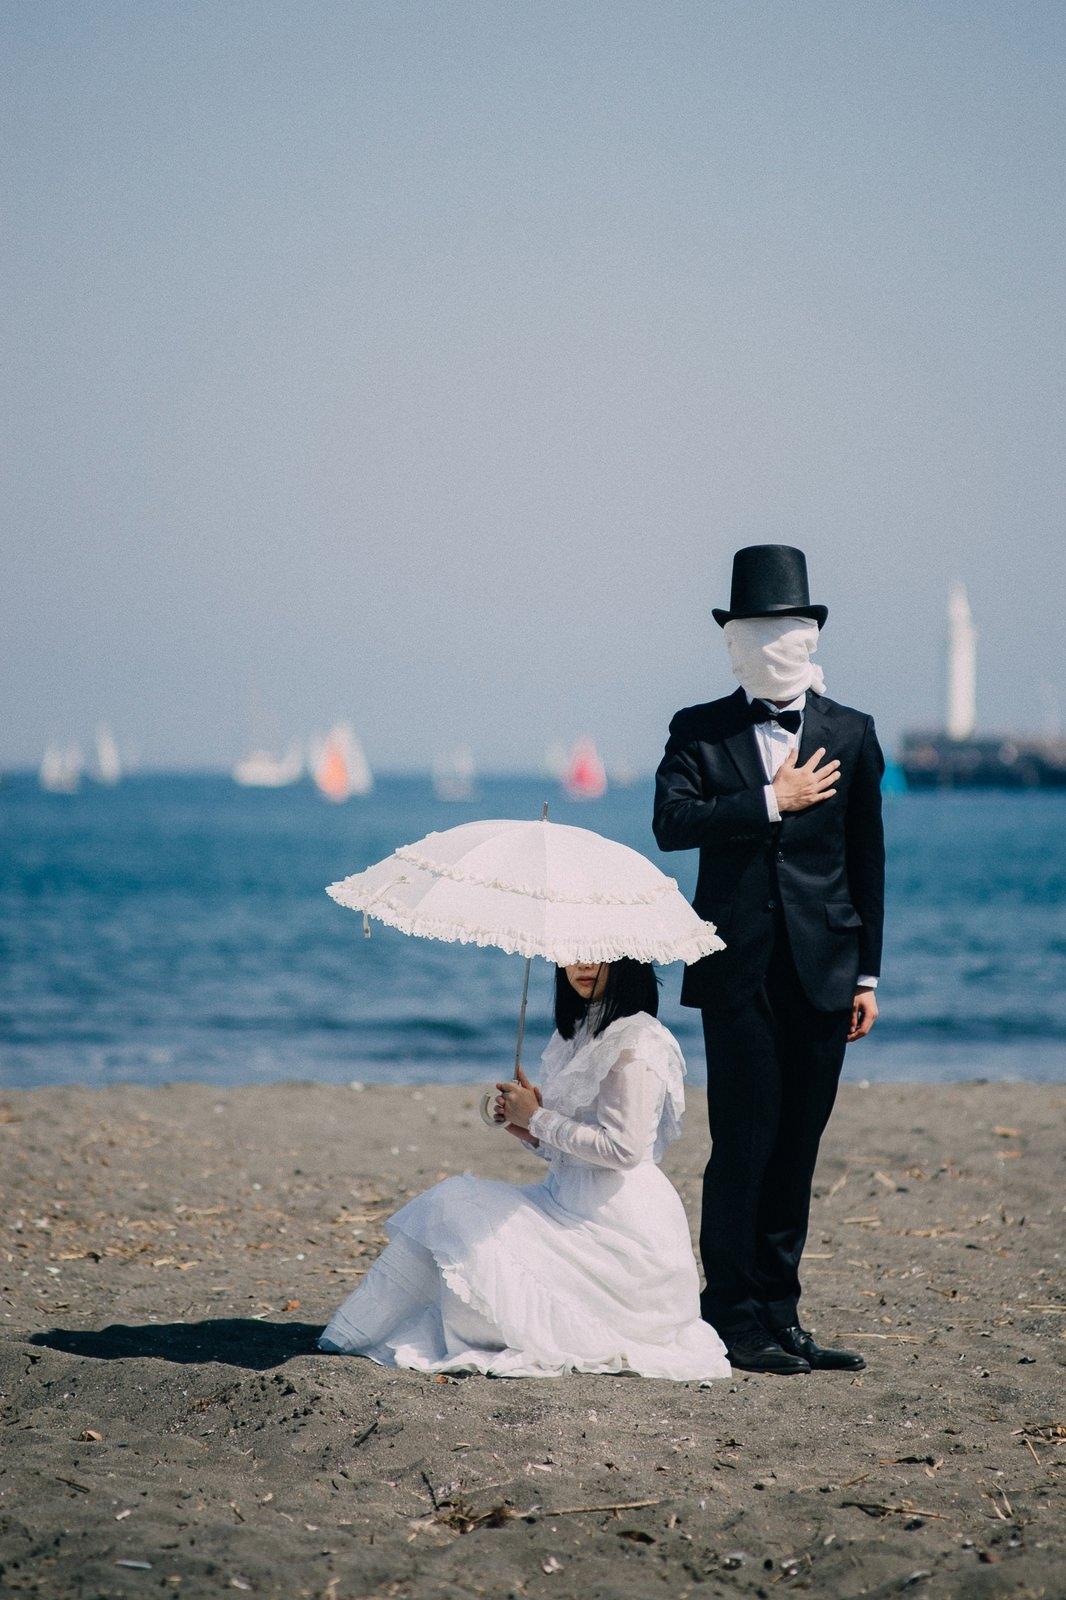 覆面男子とお嬢様のフリー素材